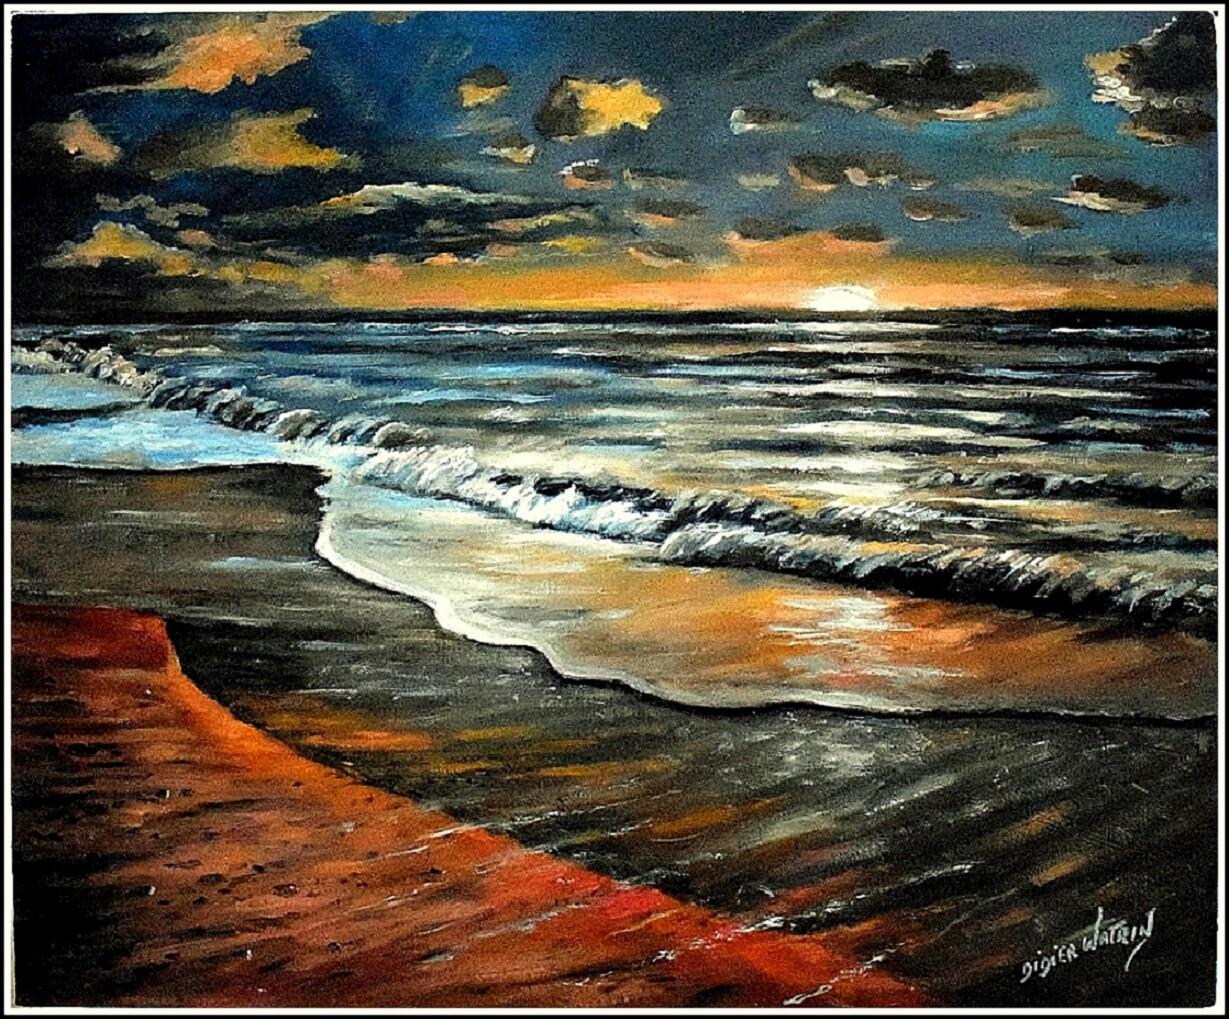 Coucher de soleil sur la mer - d'après une photo sur Pixabay -